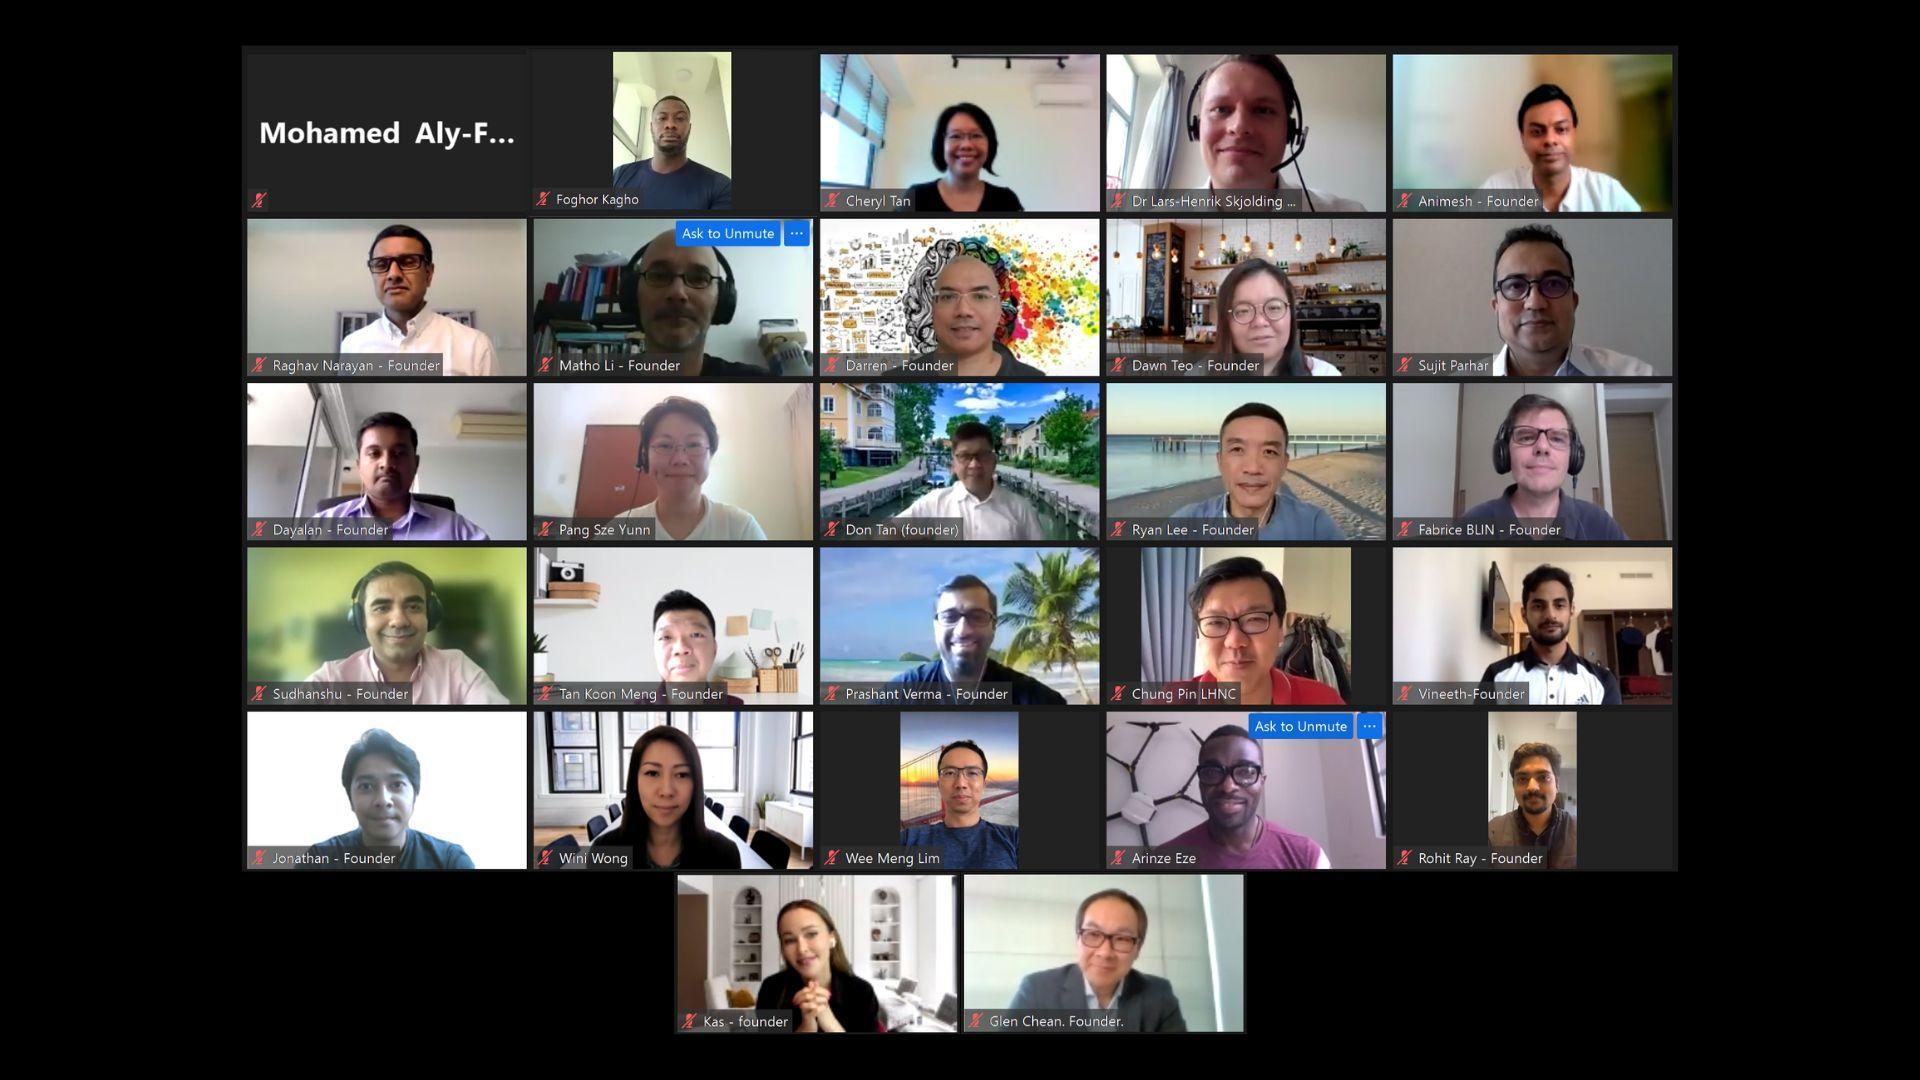 XNode支持的新创工坊计划SDTA22启动,27位海外创始人开始加速之旅